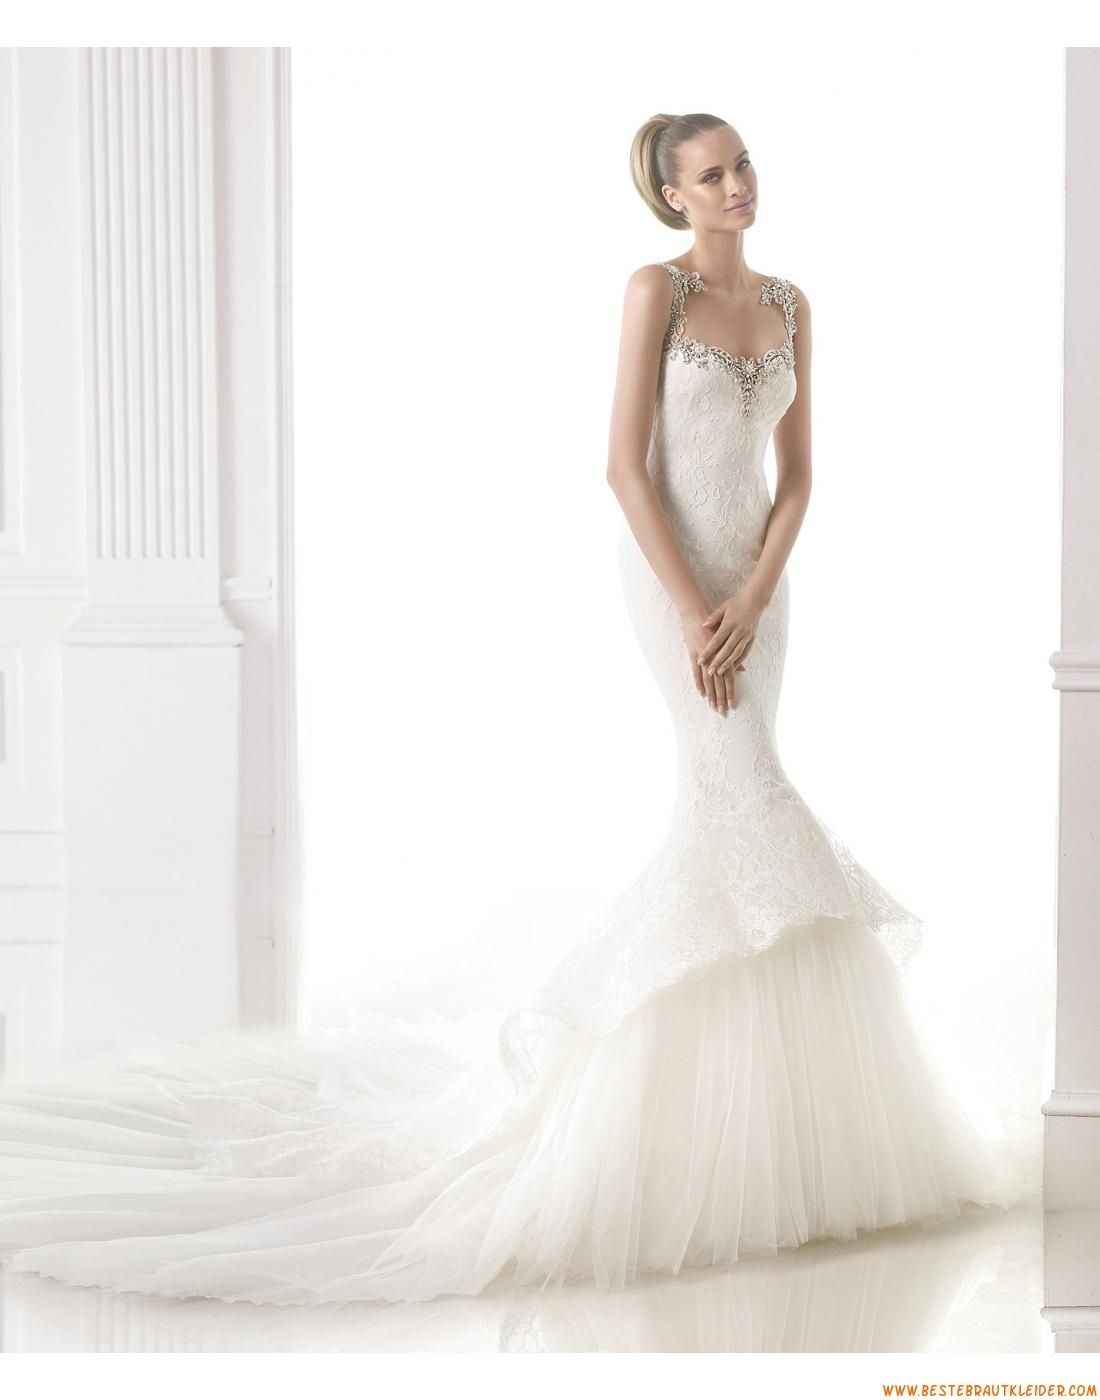 2015 Meerjungfrau Außergewöhnliche Luxuriöse Brautkleider aus ...